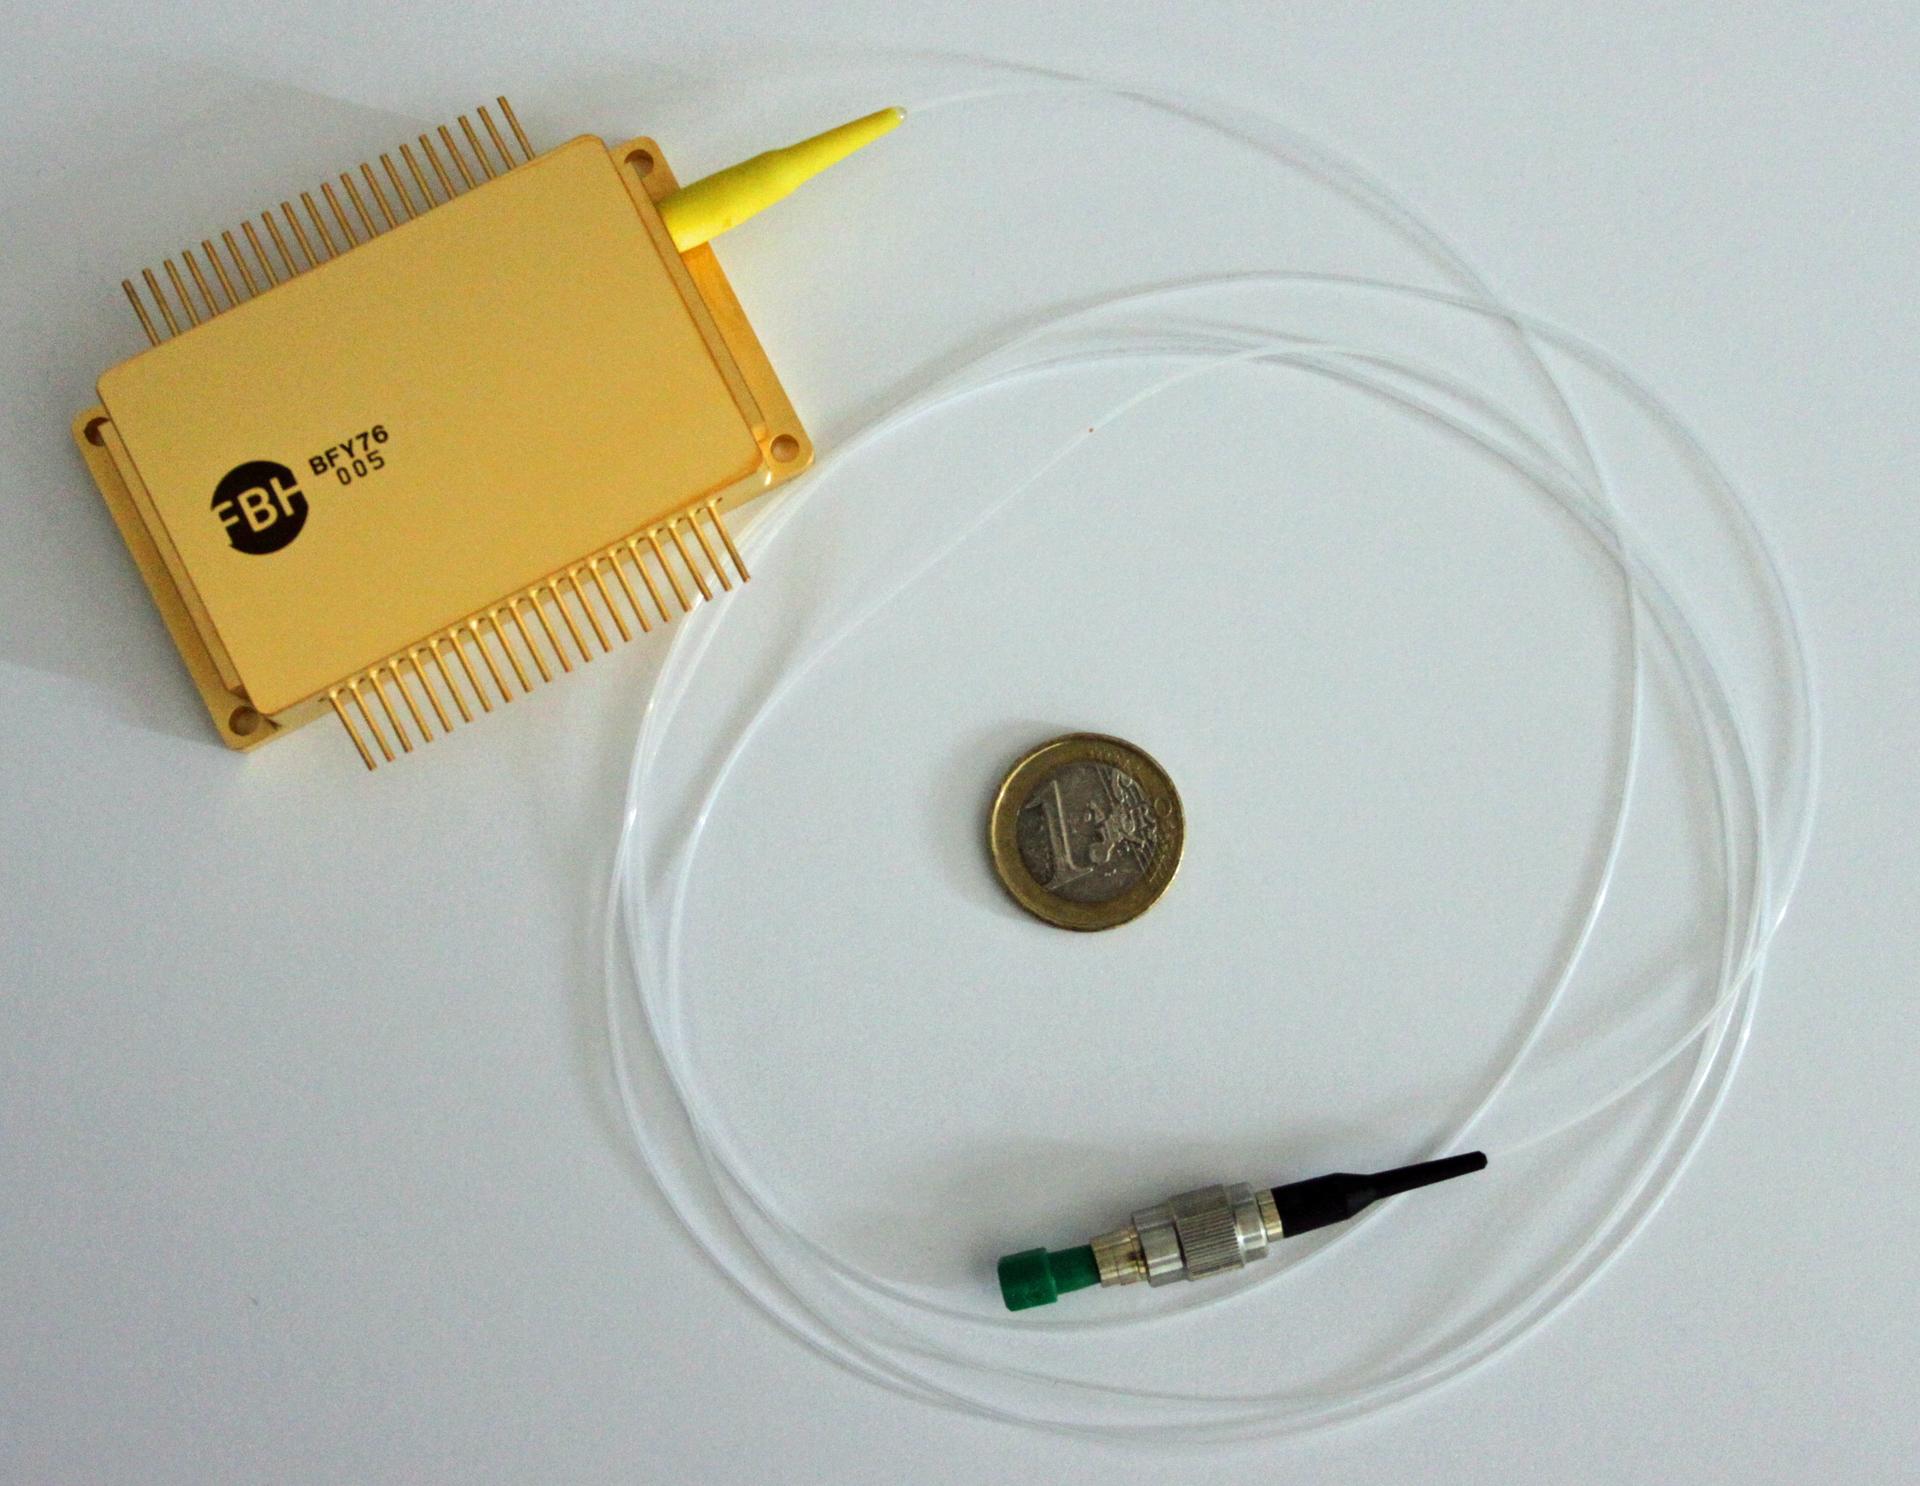 Kleine kompakte und rechteckige Box mit einer langen Faser, an deren Ende ein kleiner Laserkopf befestigt ist.